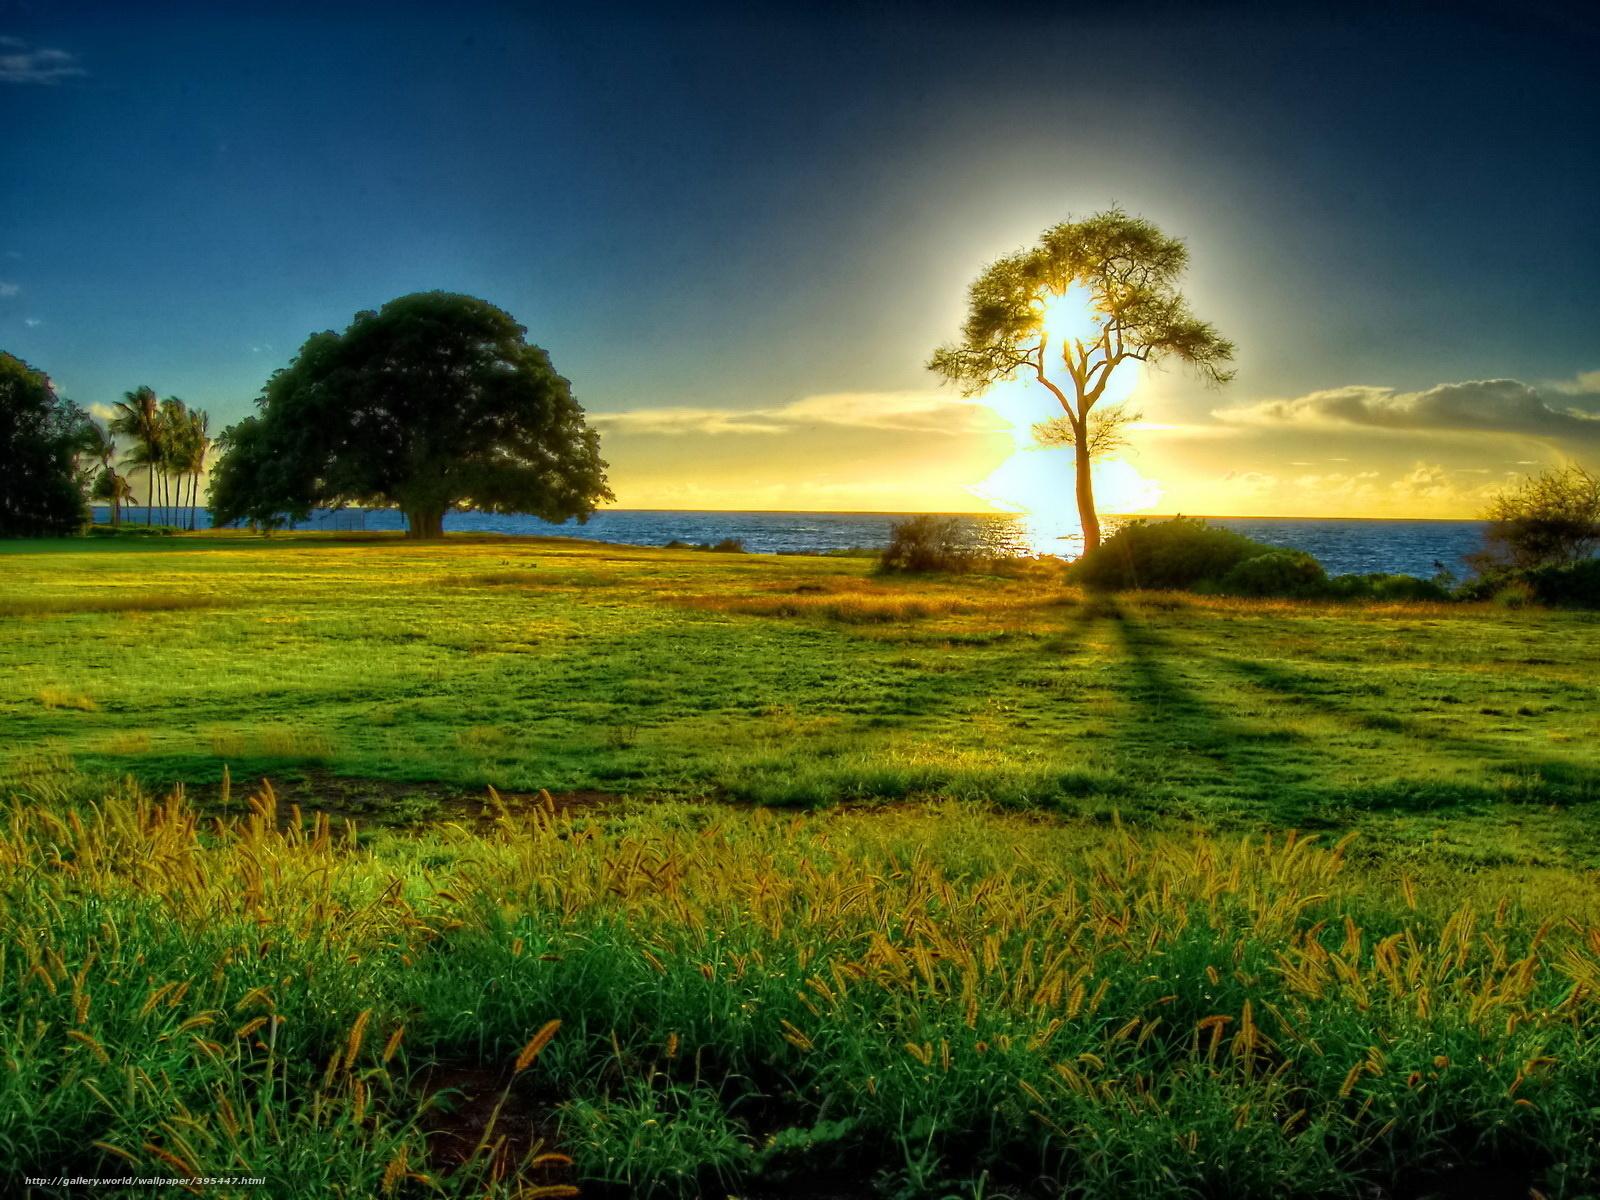 Картинки природы с разрешение 1600x1200